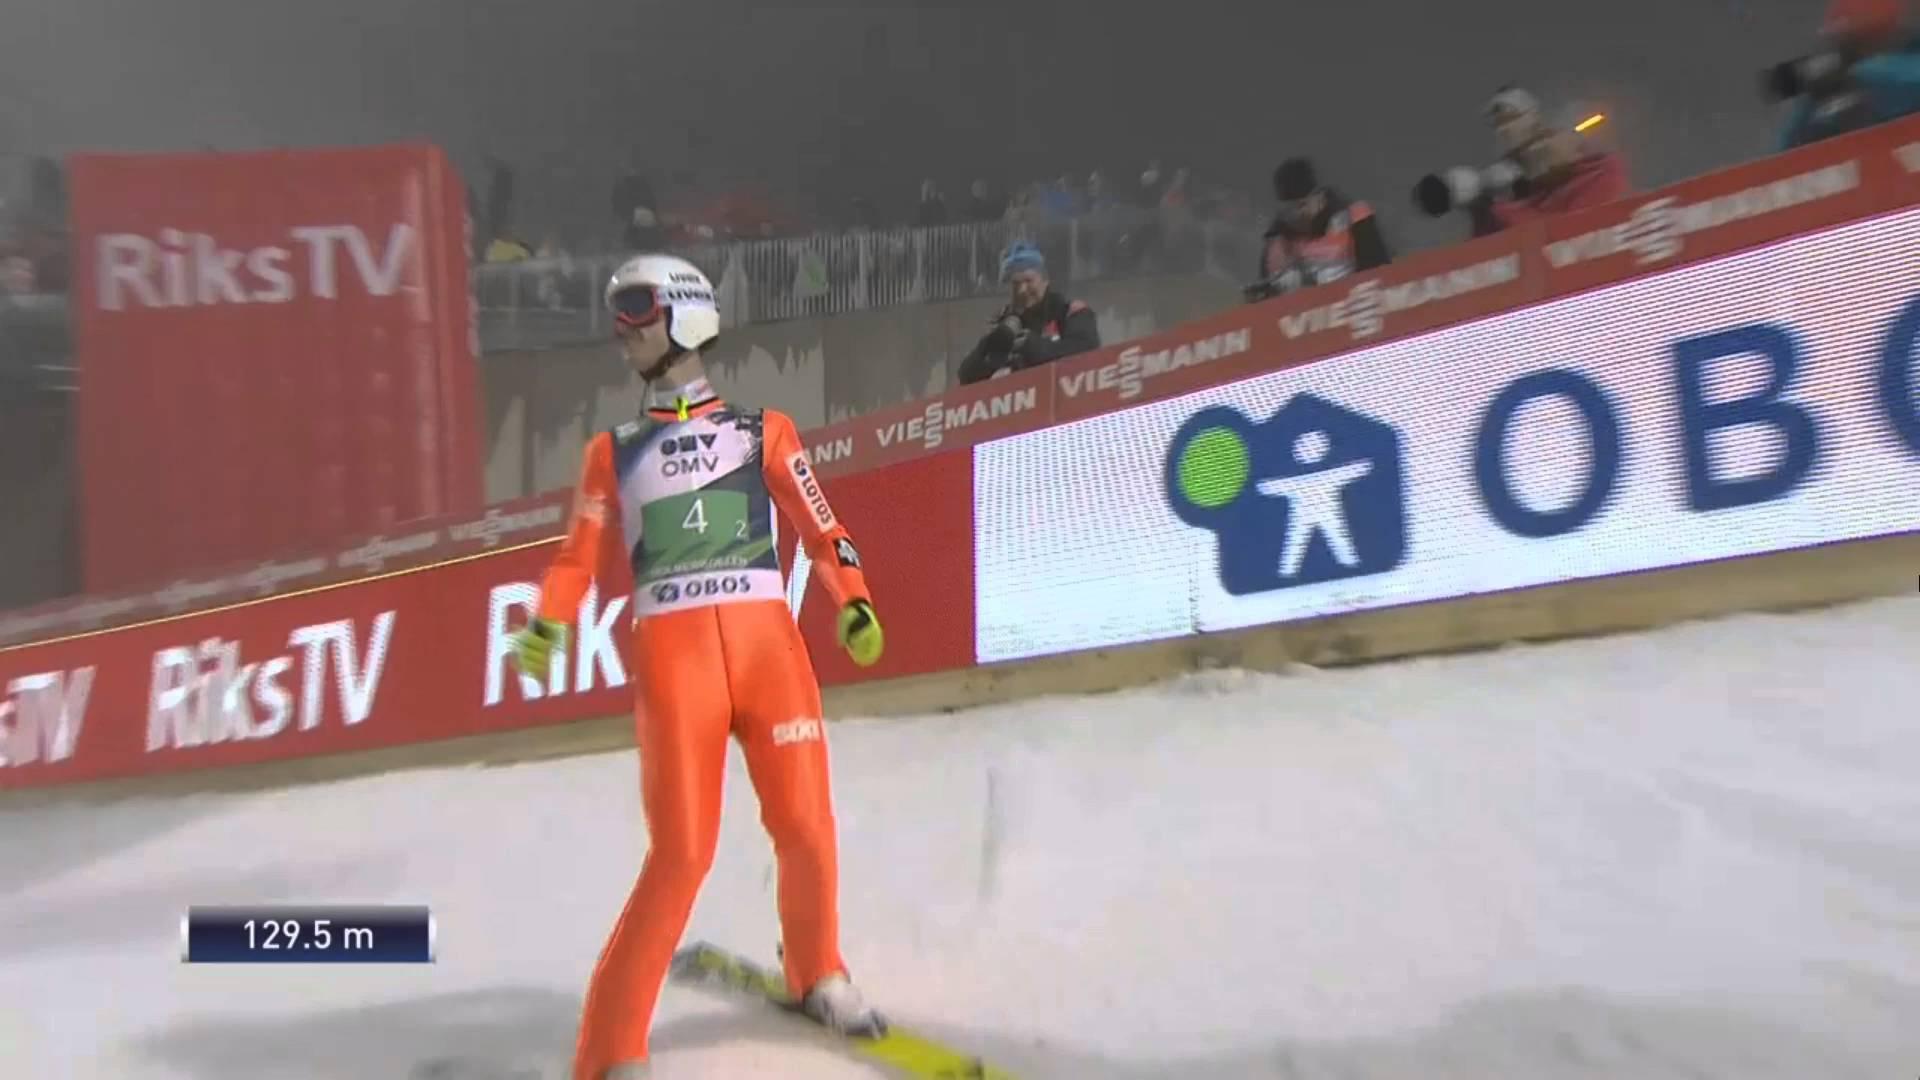 Andrzej Stękała – 129,5m – Oslo 2016